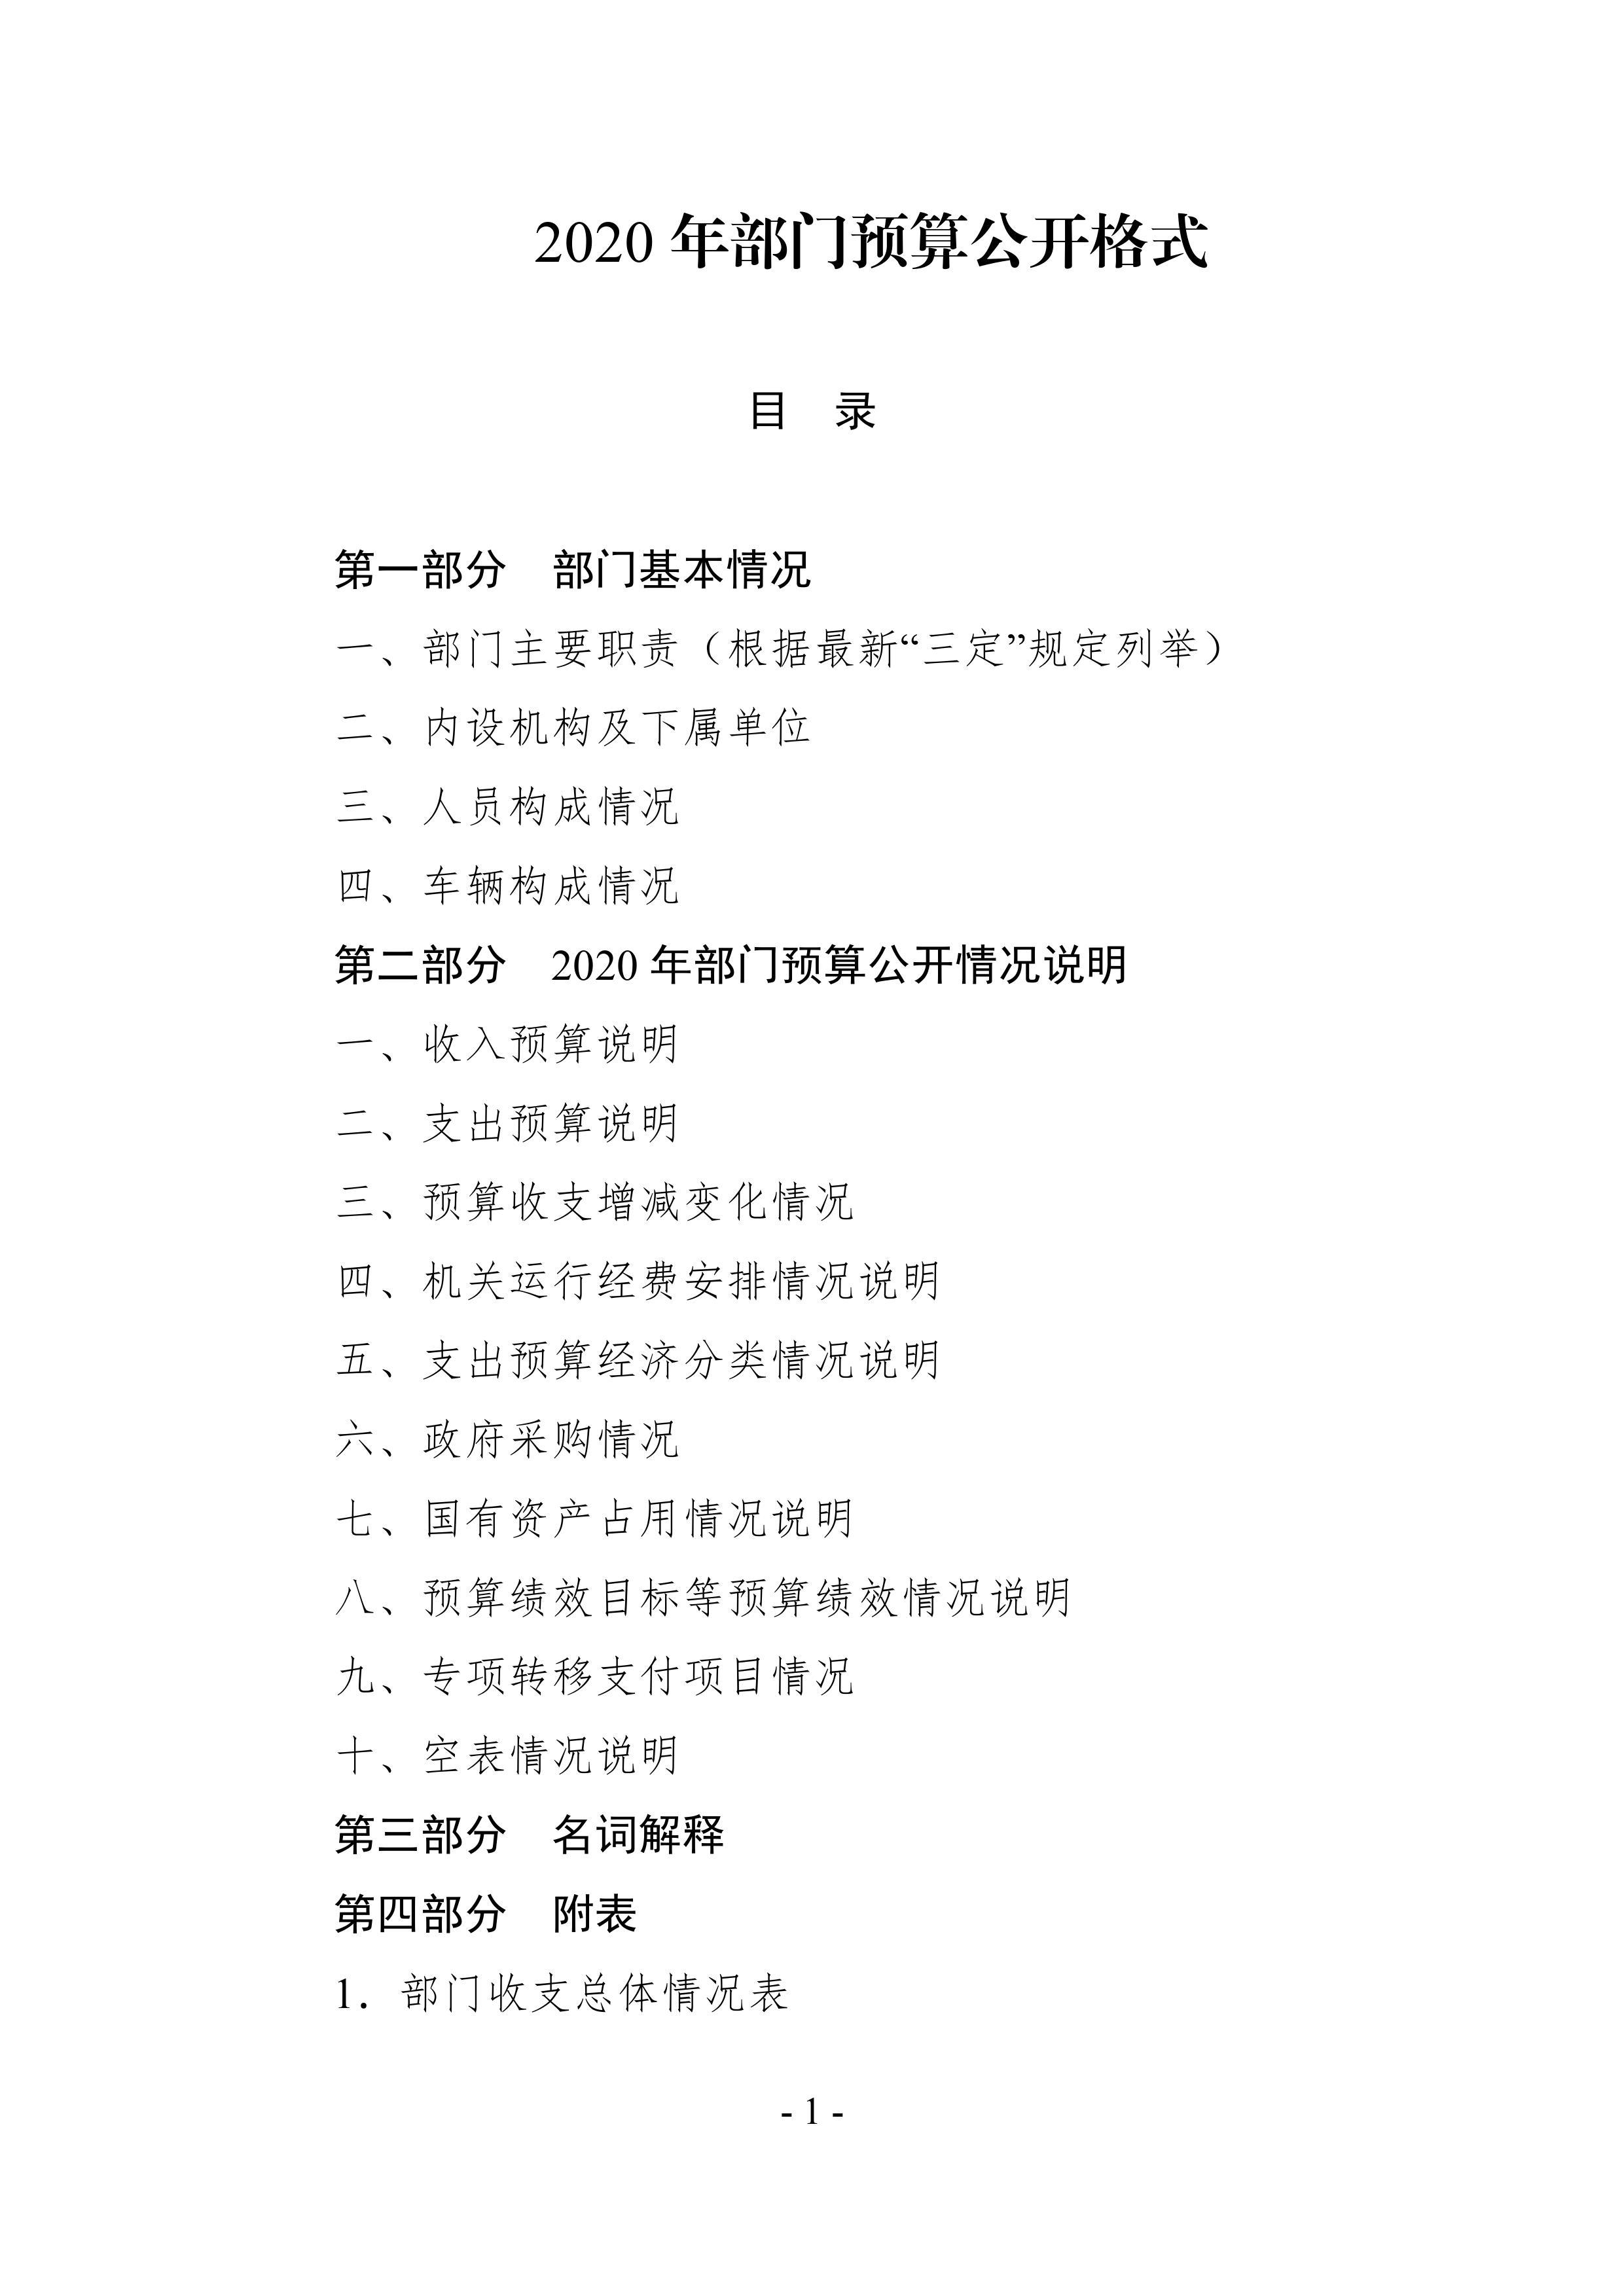 郑州市文学艺术界联合会2020年部门预算公开